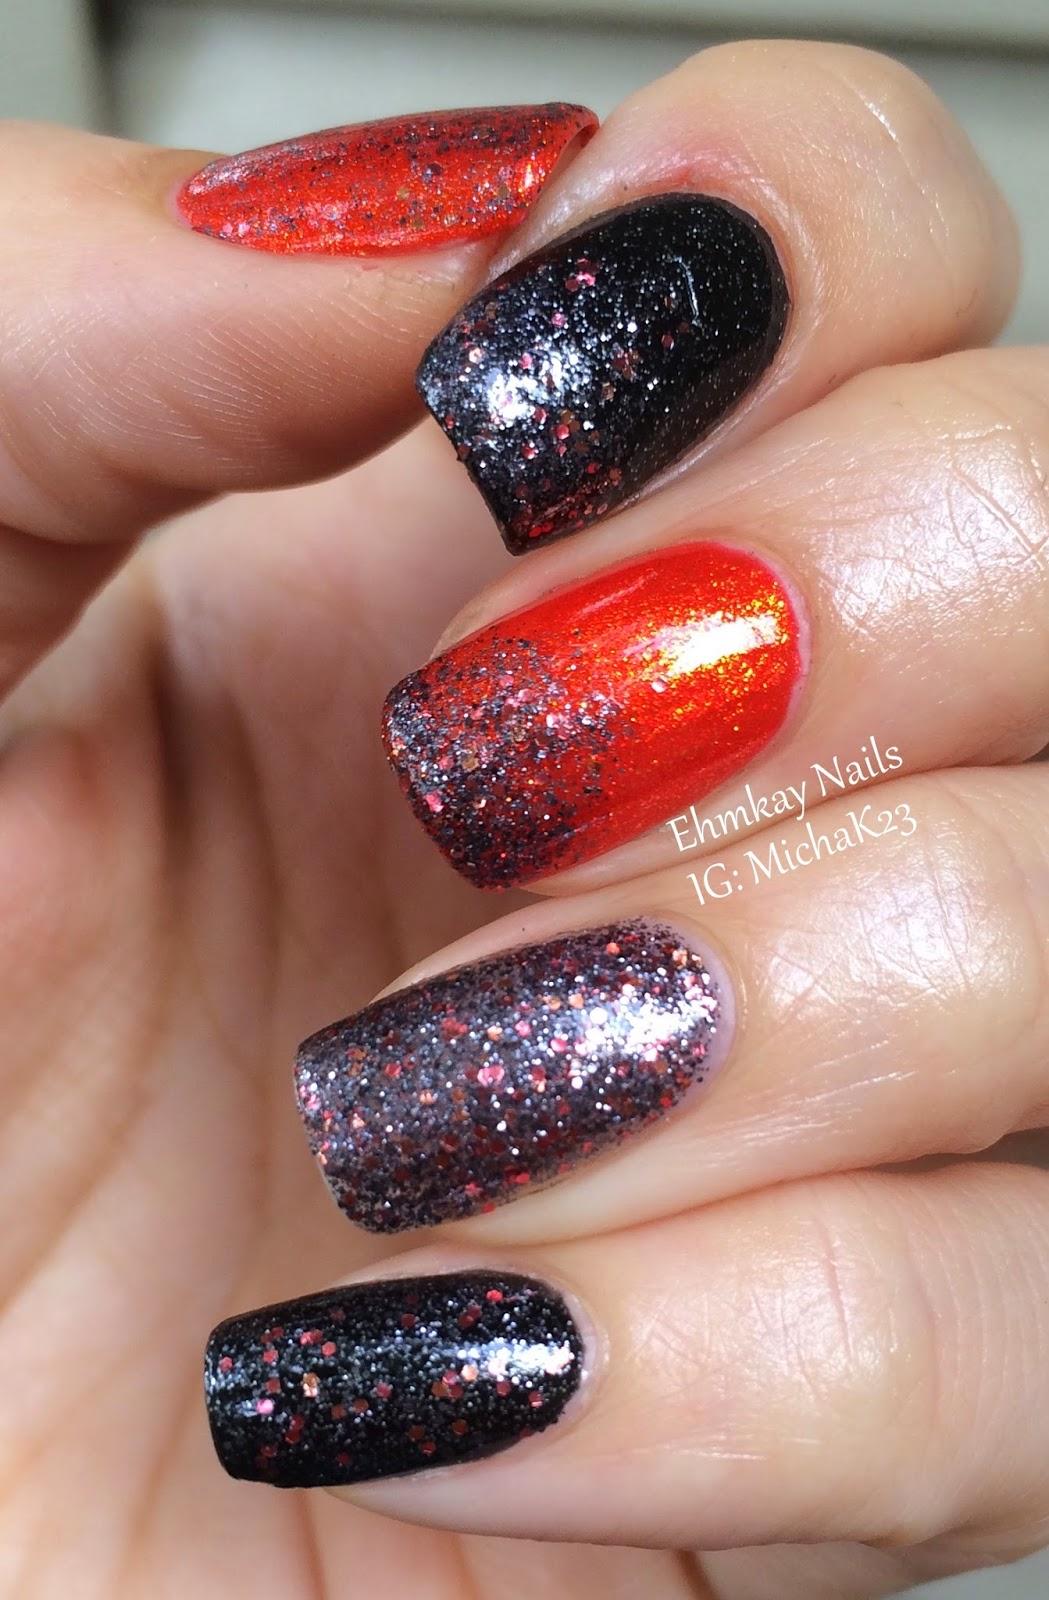 Ehmkay Nails China Glaze Loco Motive Halloween Nail Art